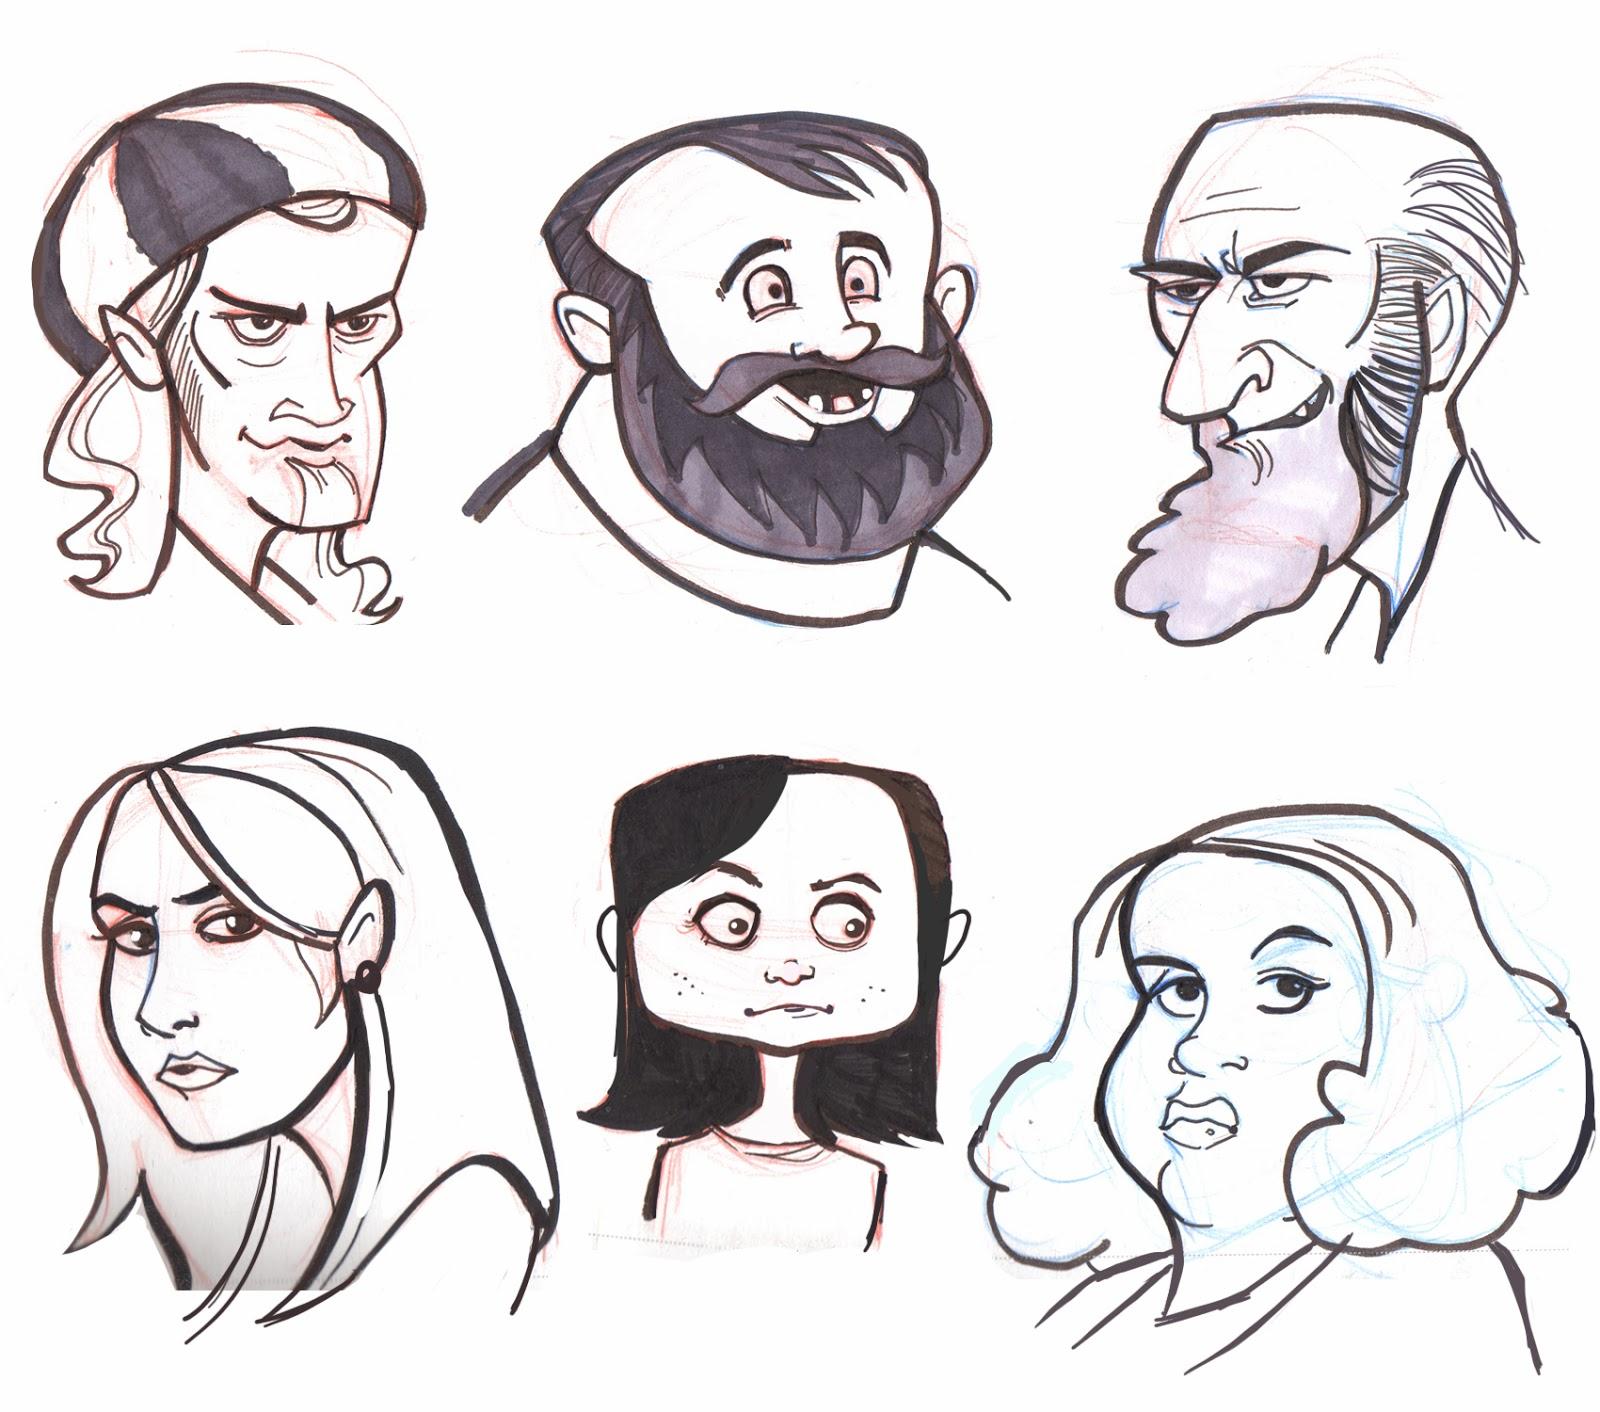 Cartoon Characters Heads : Joe pearman art cartoon faces week